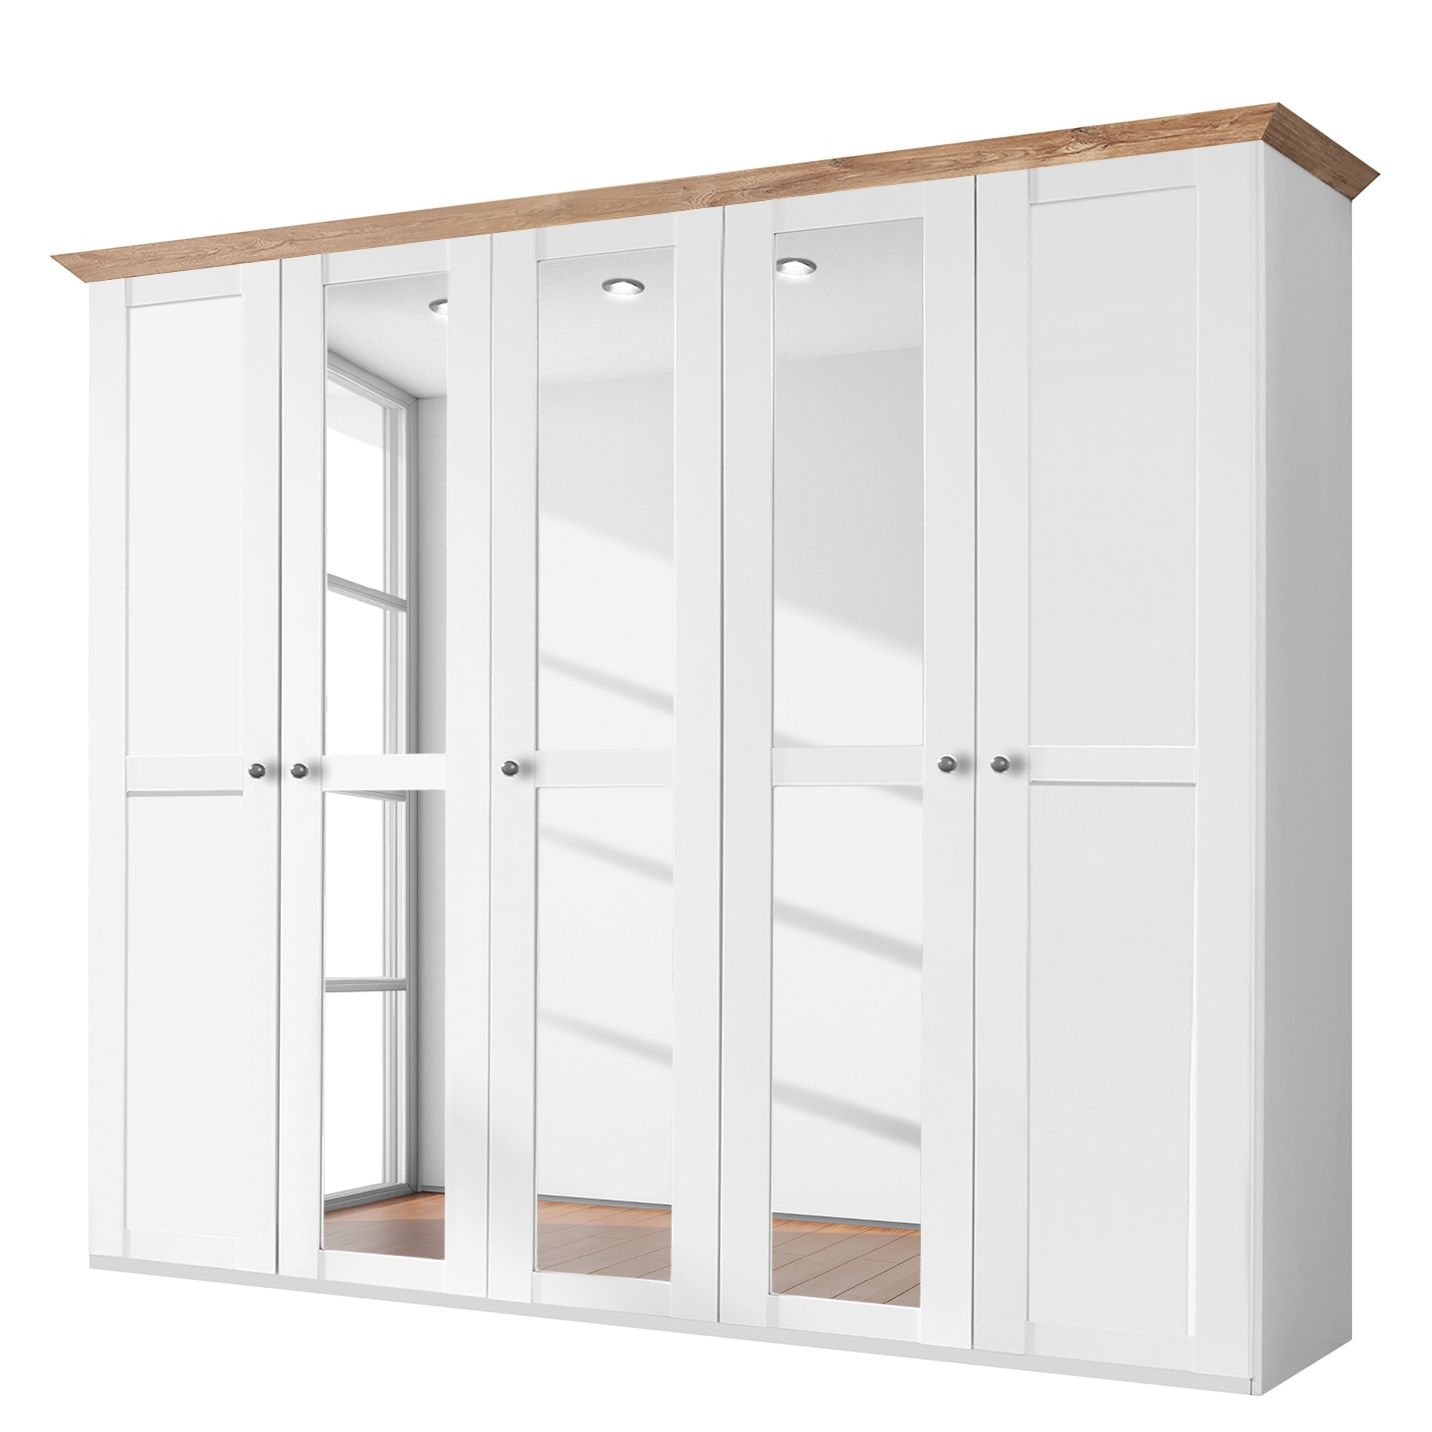 Armoire à portes battantes Oxford - Blanc alpin / Imitation planche de chêne - 225 cm (5 portes), Wi